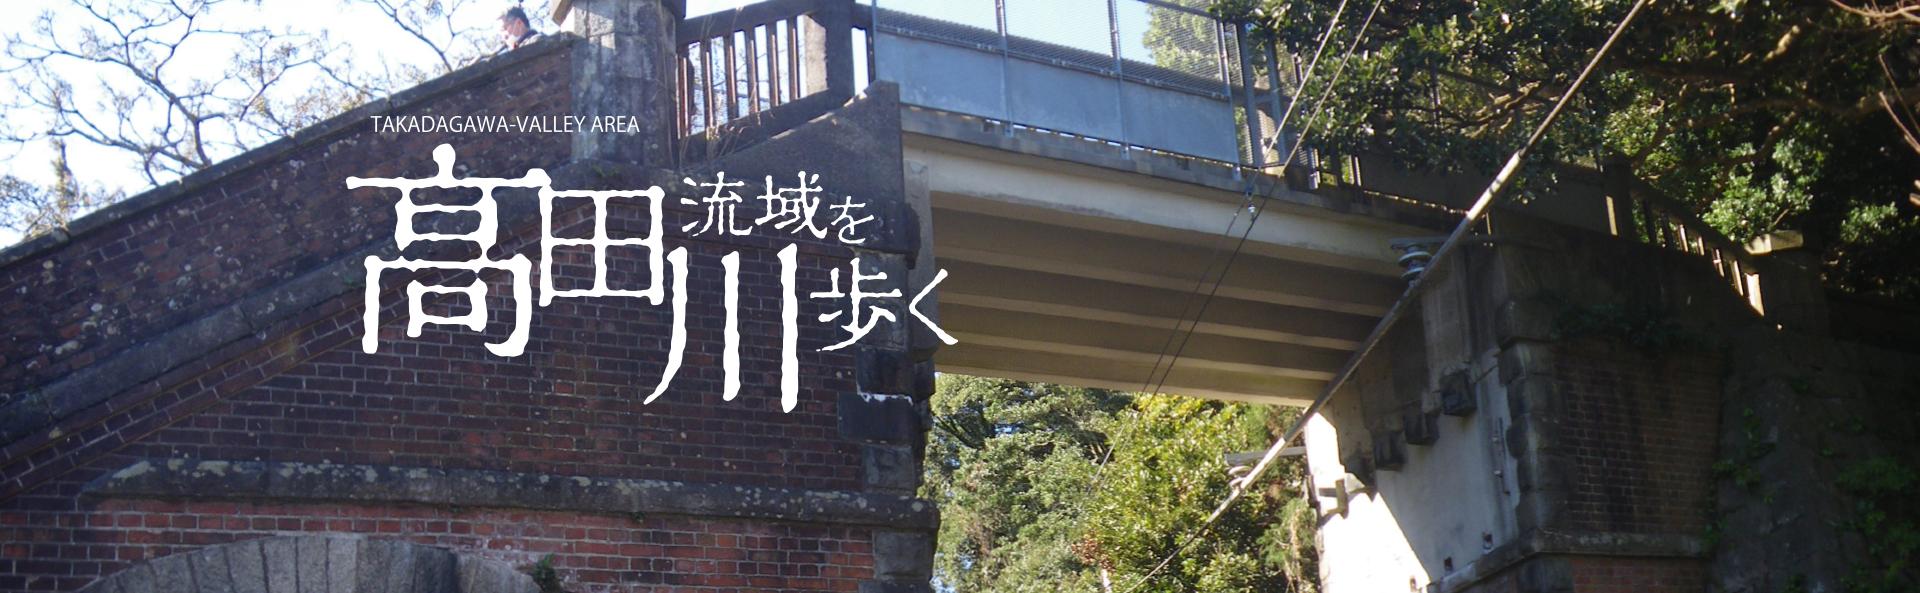 高田川流域を歩く